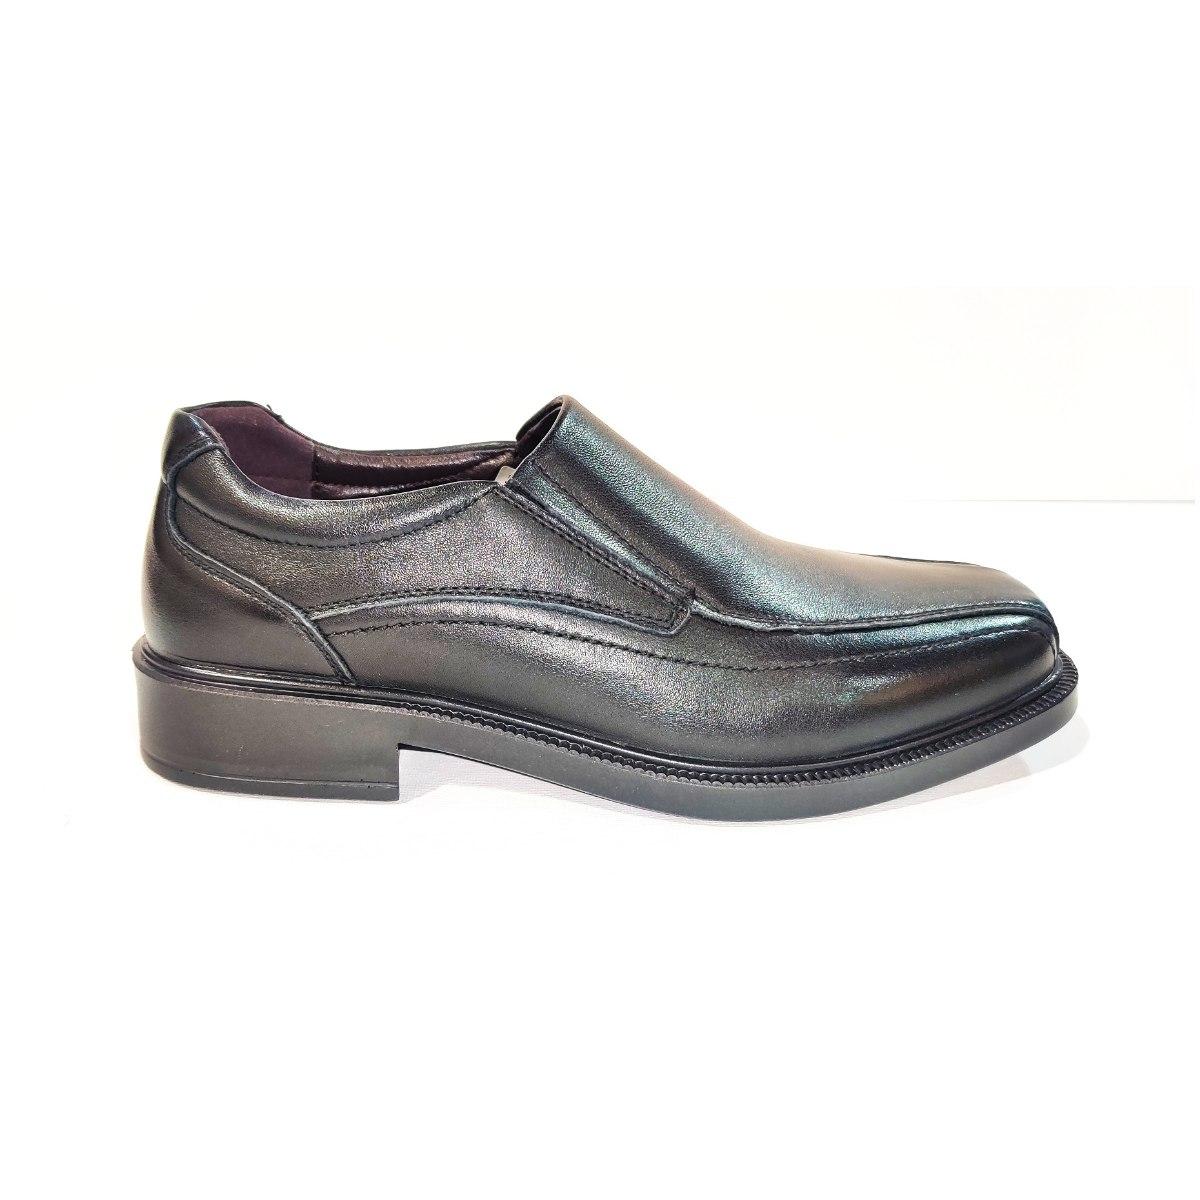 נעלי גברים - טראק קומפורט 844035